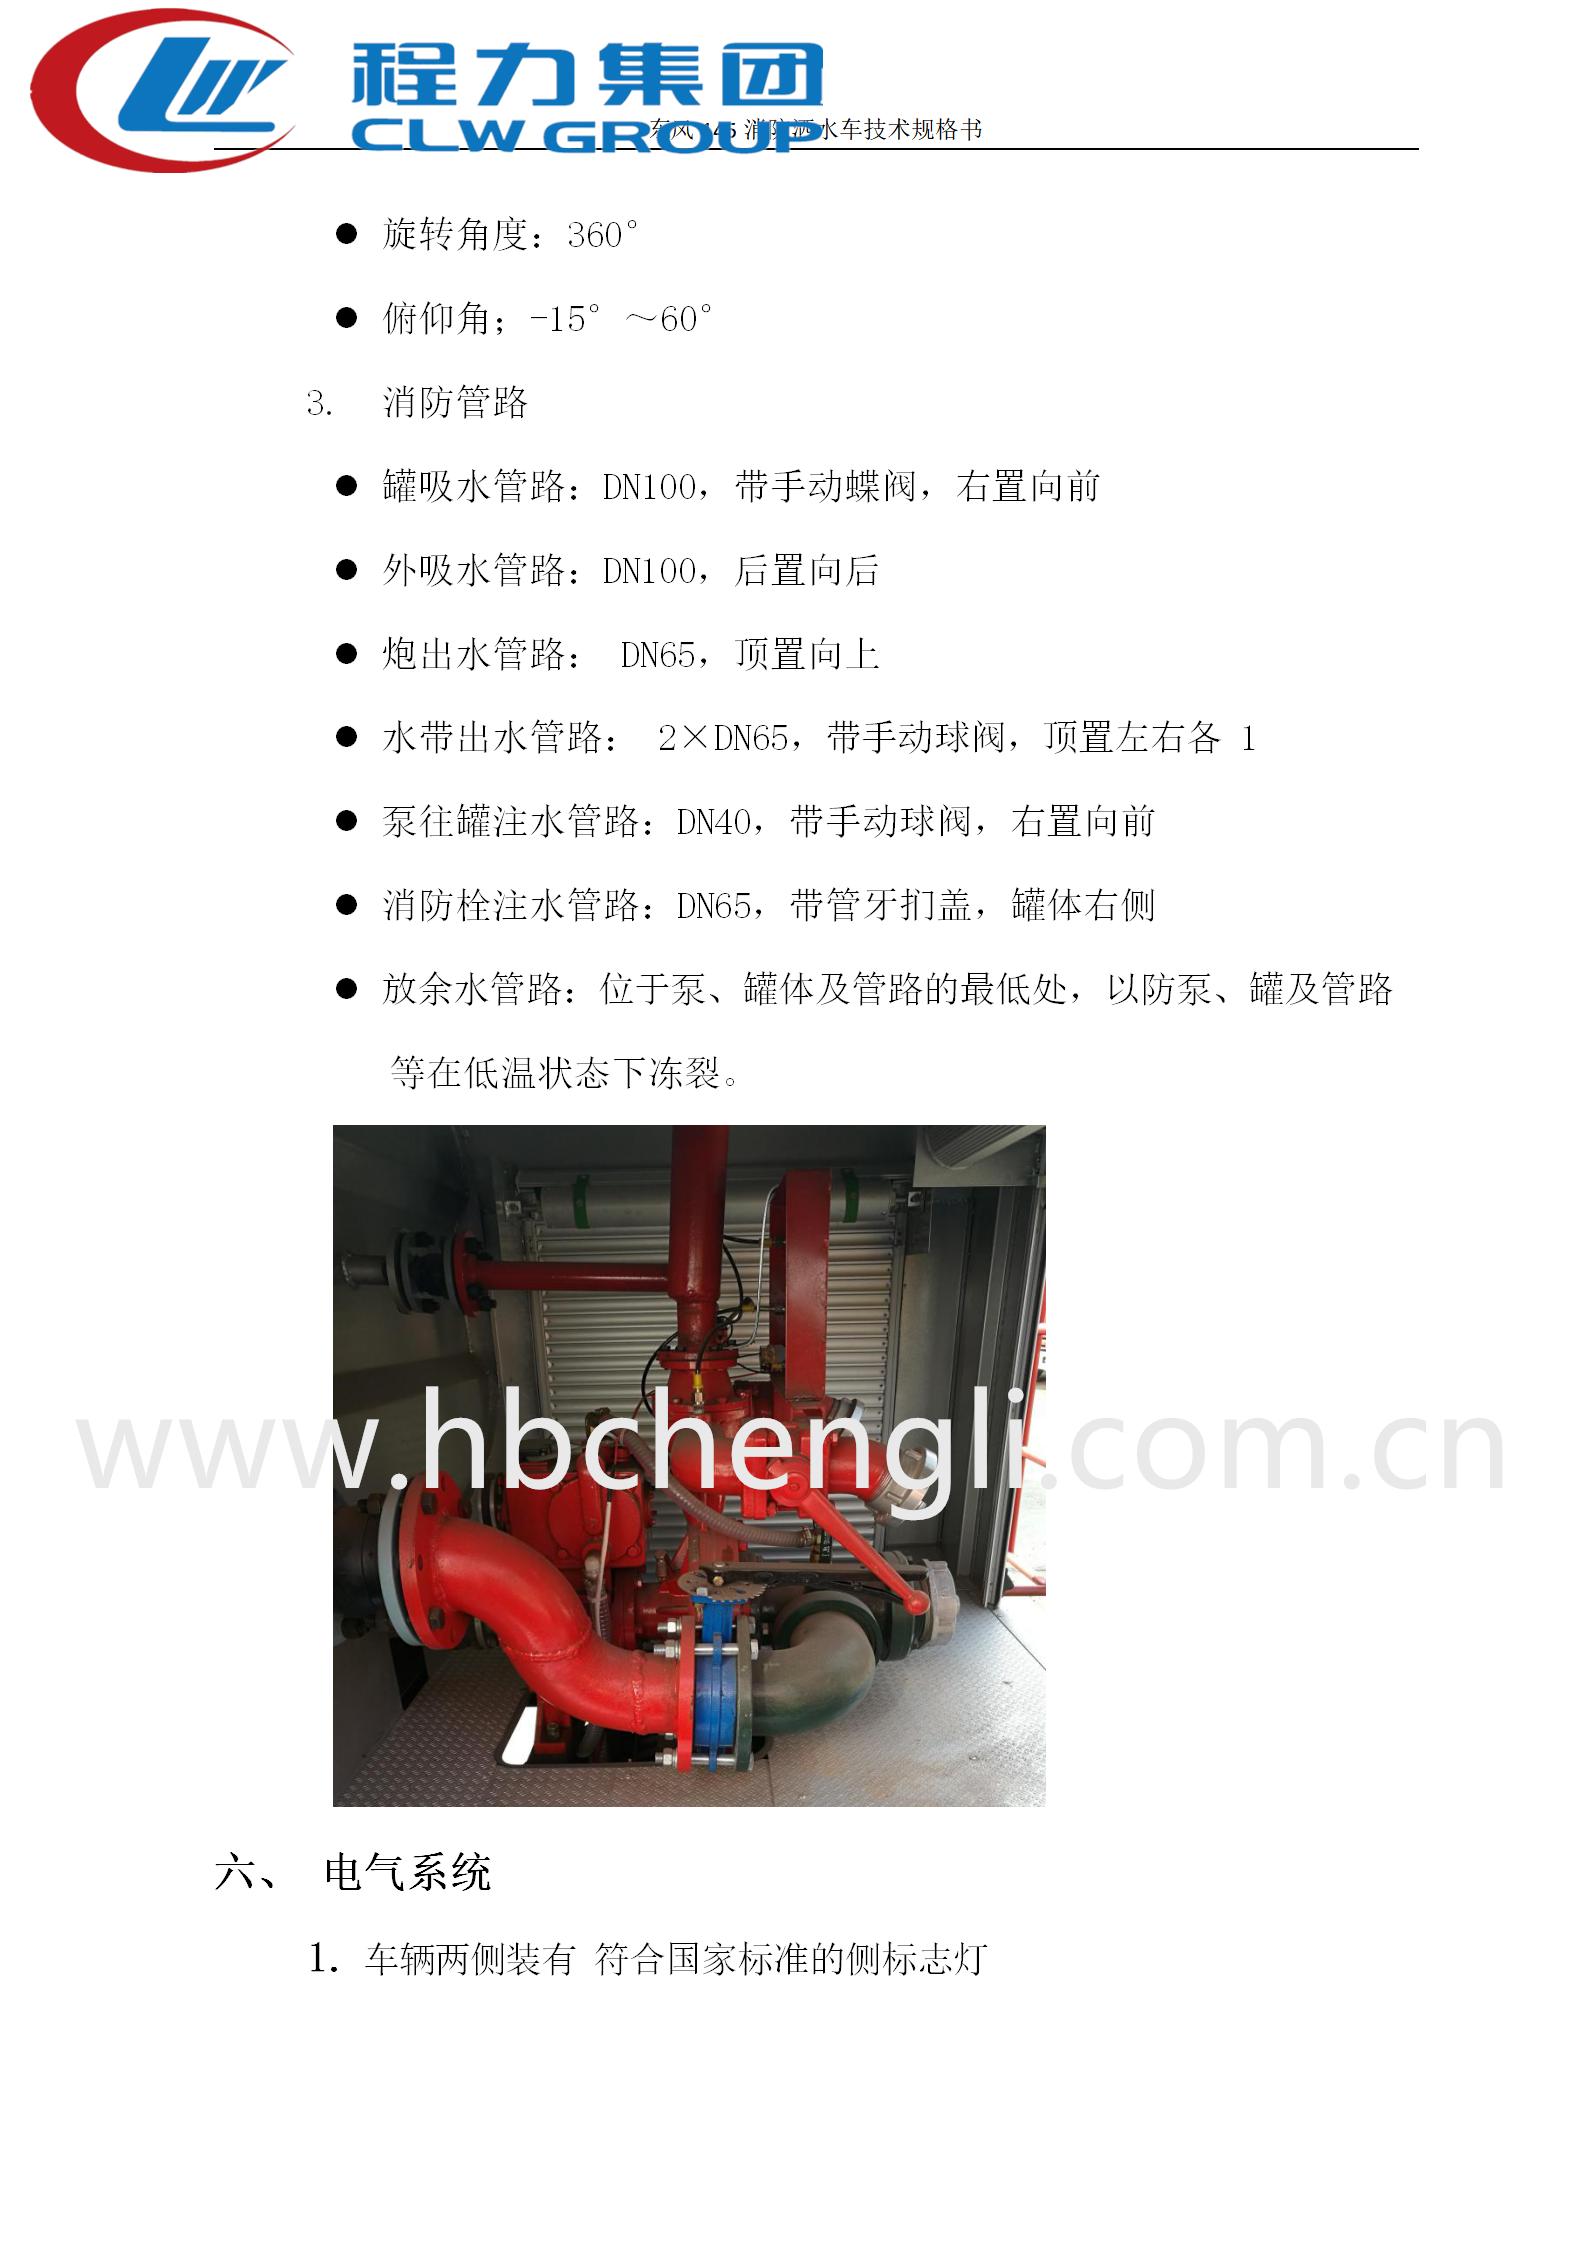 东风145简易消防车技术规格书_06_副本